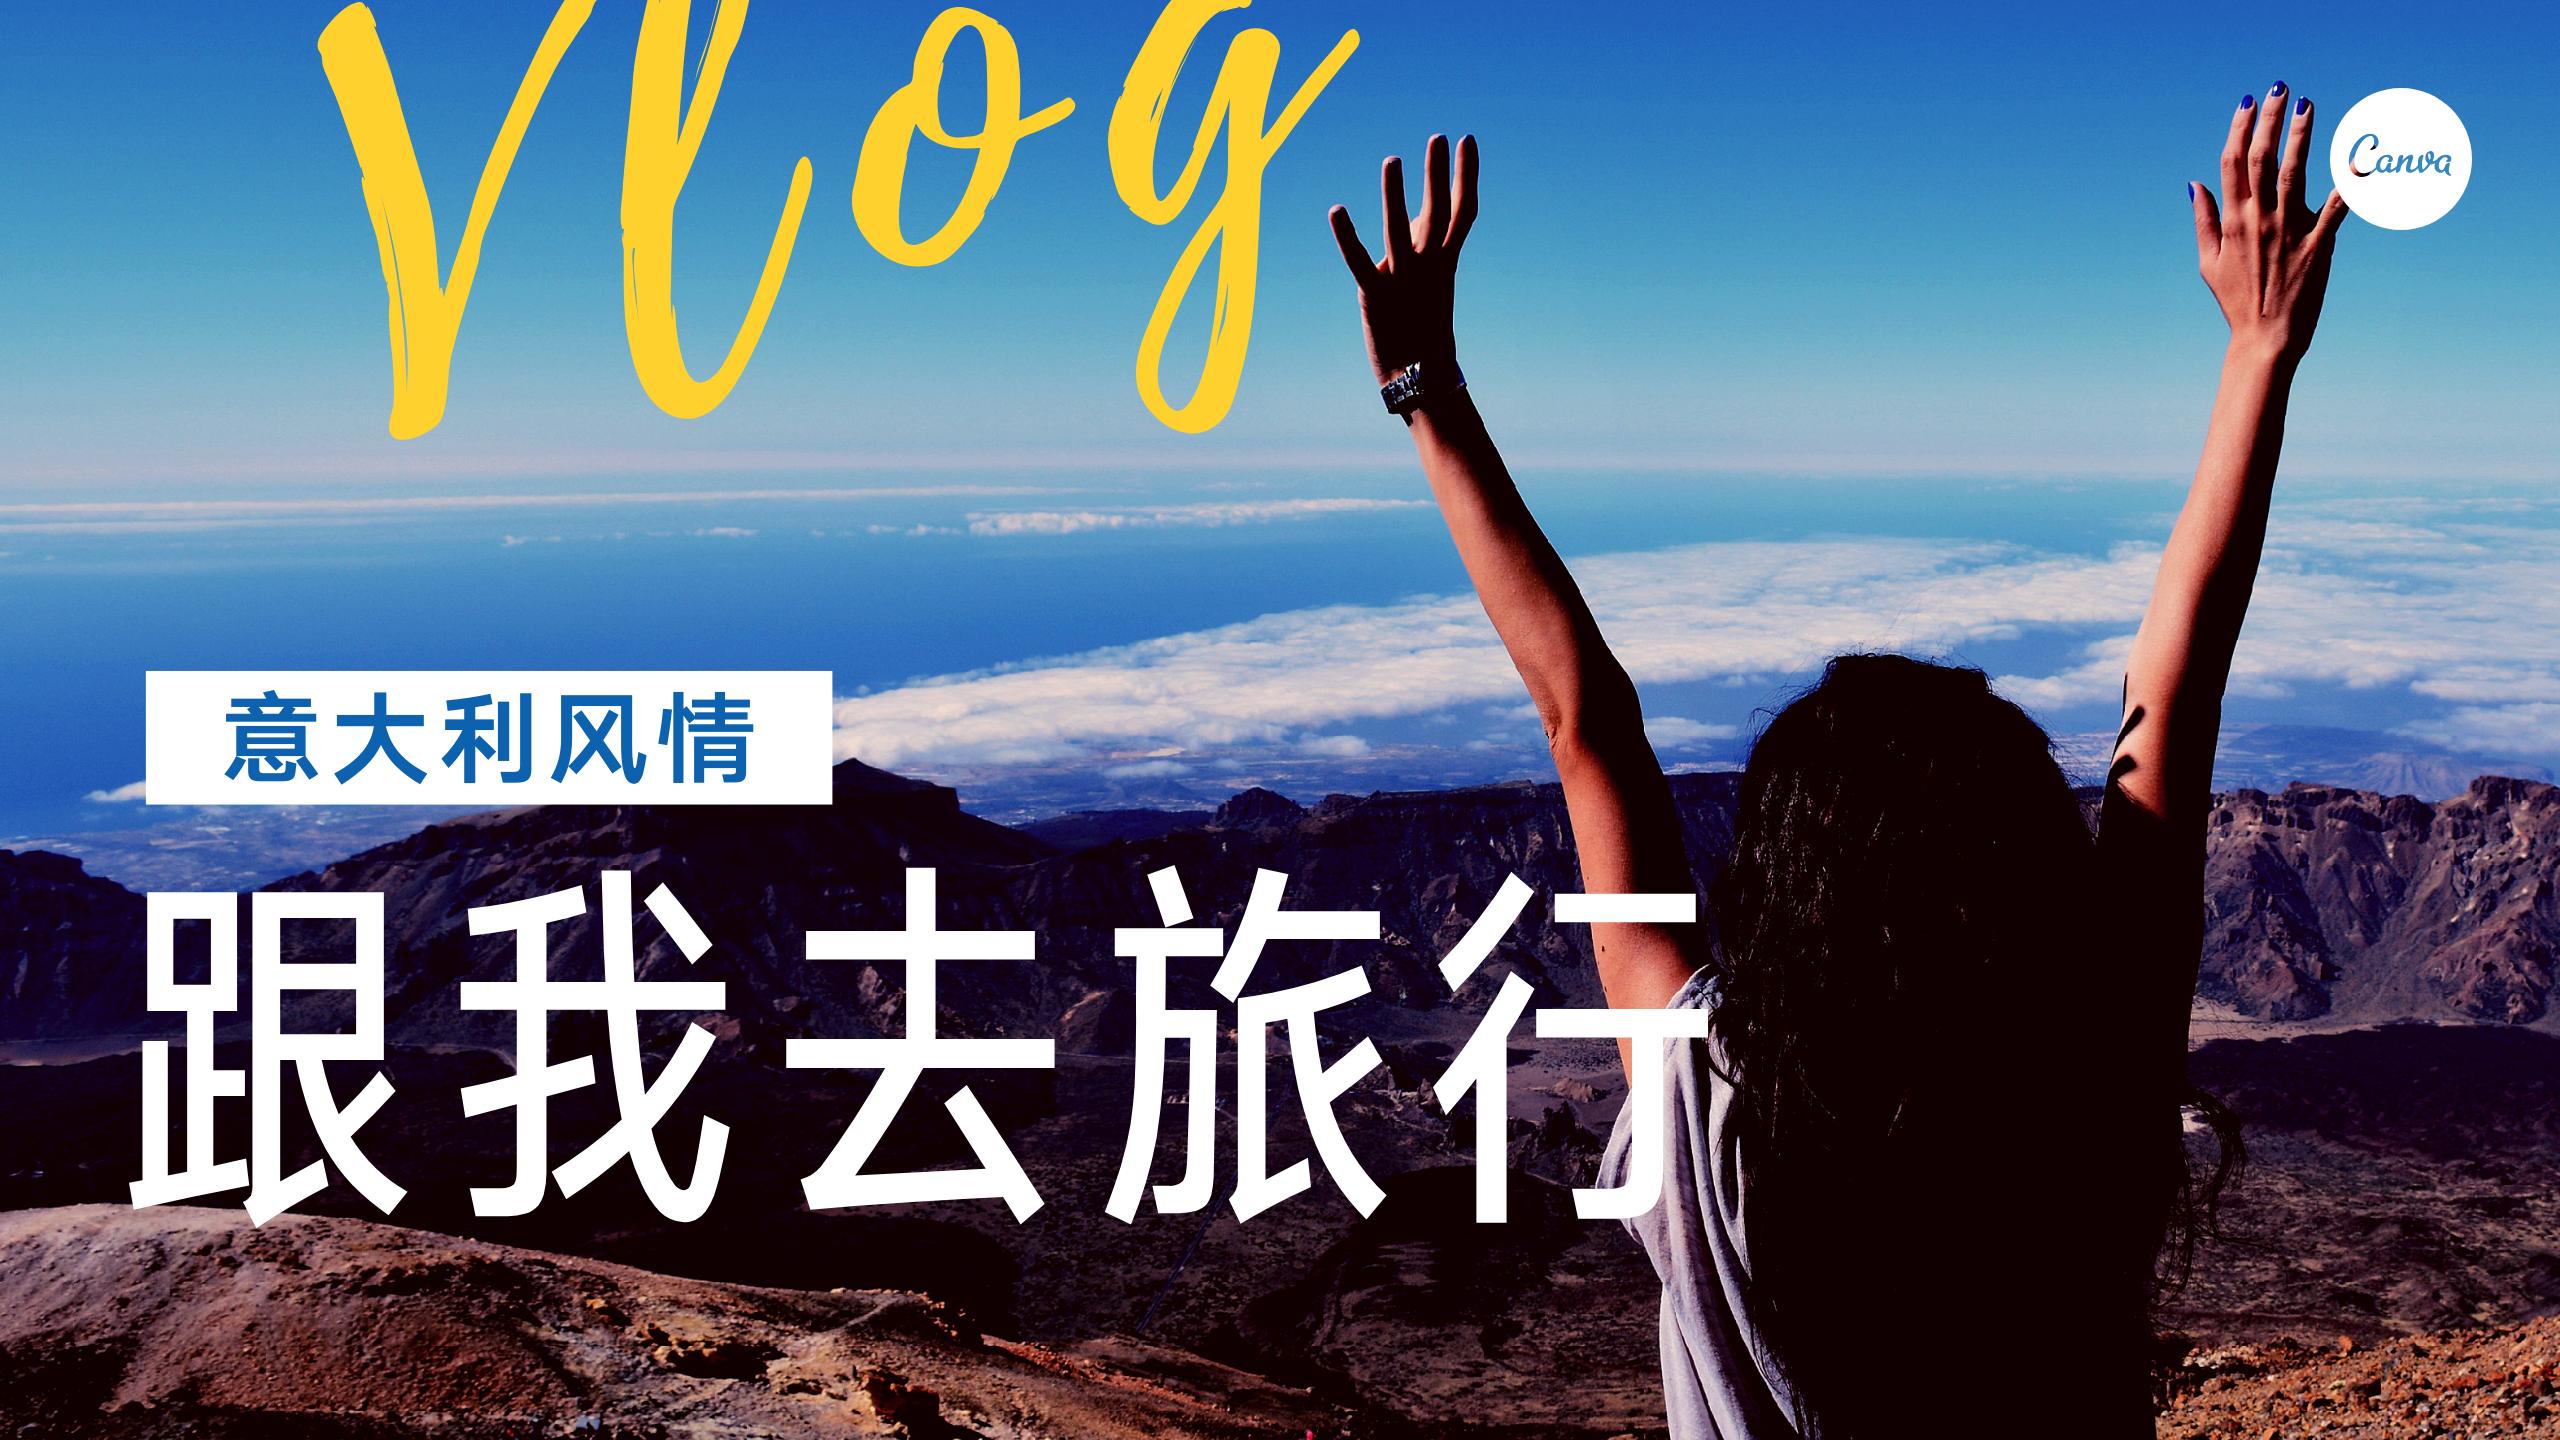 旅游视频封面